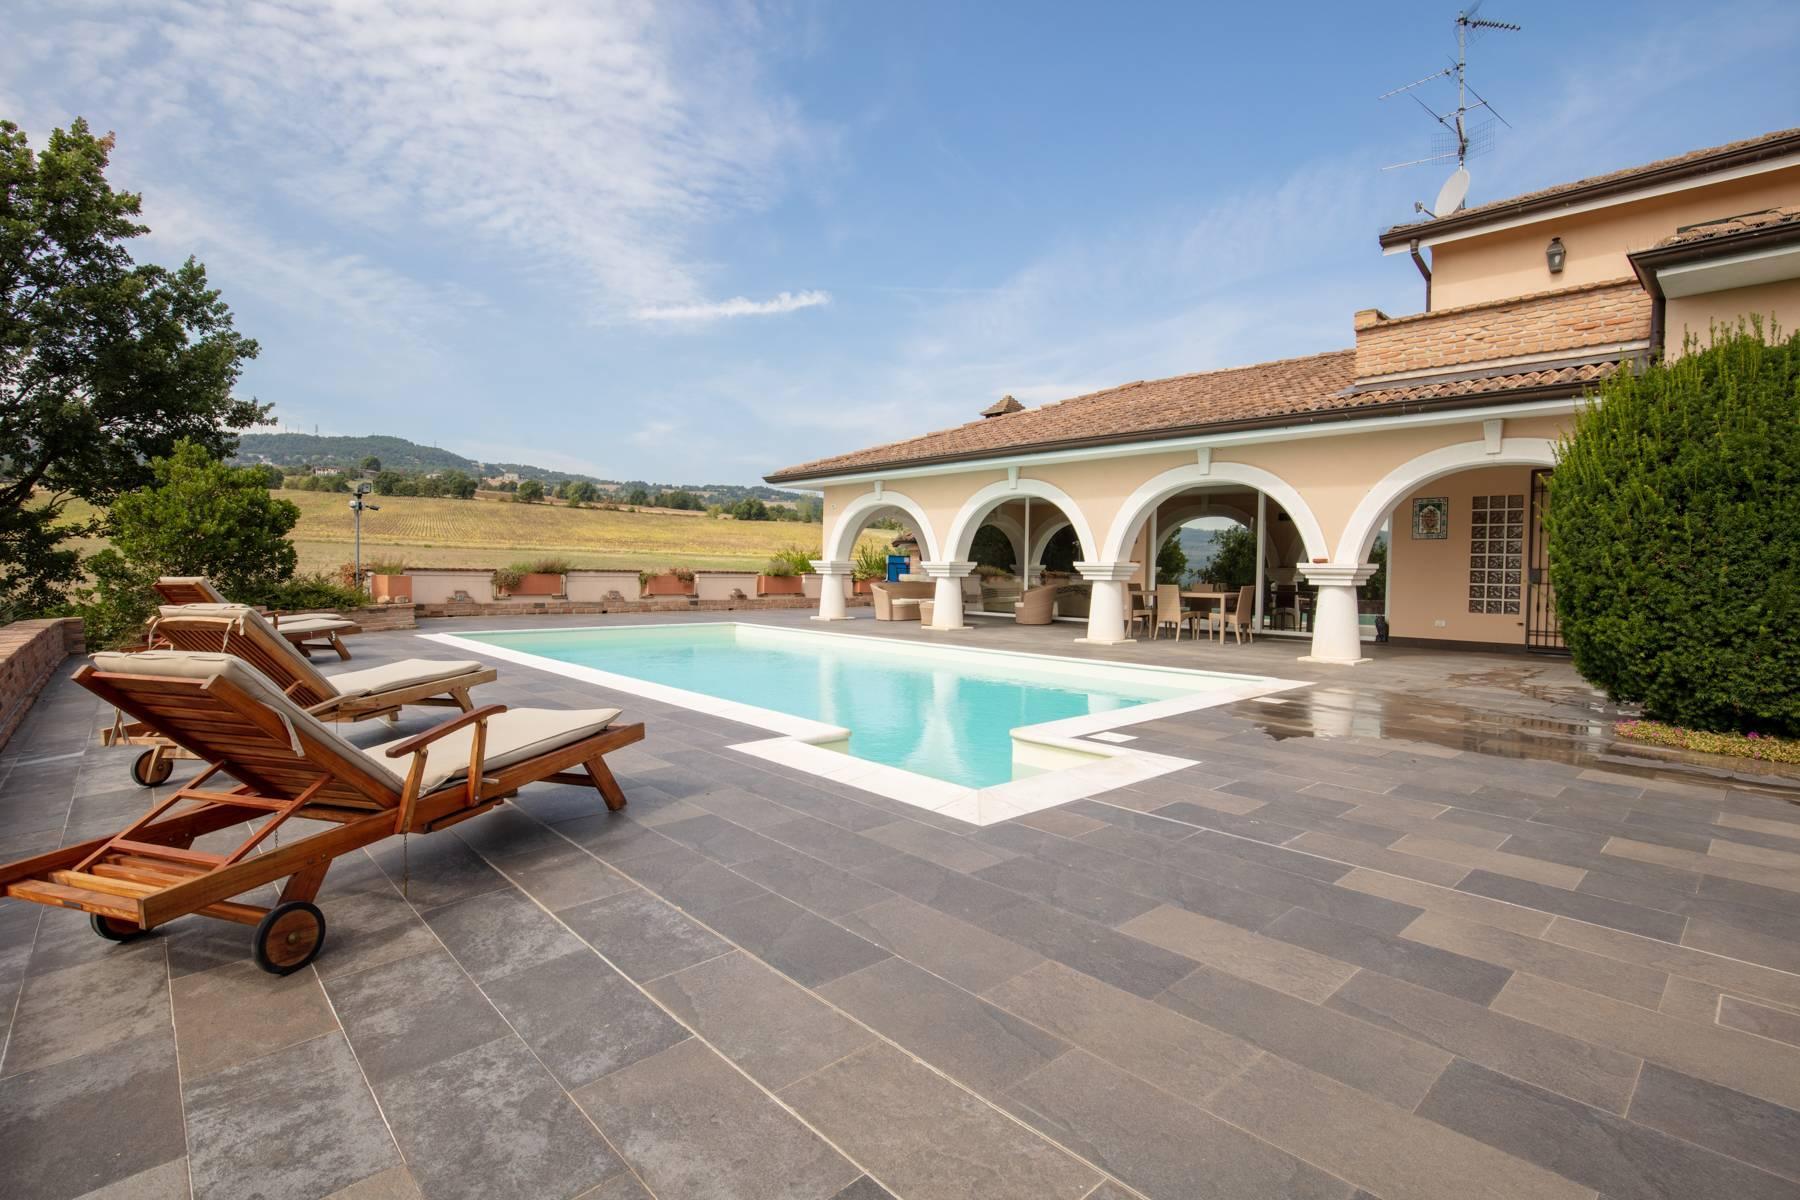 Villa con piscina nelle colline piacentine - 1